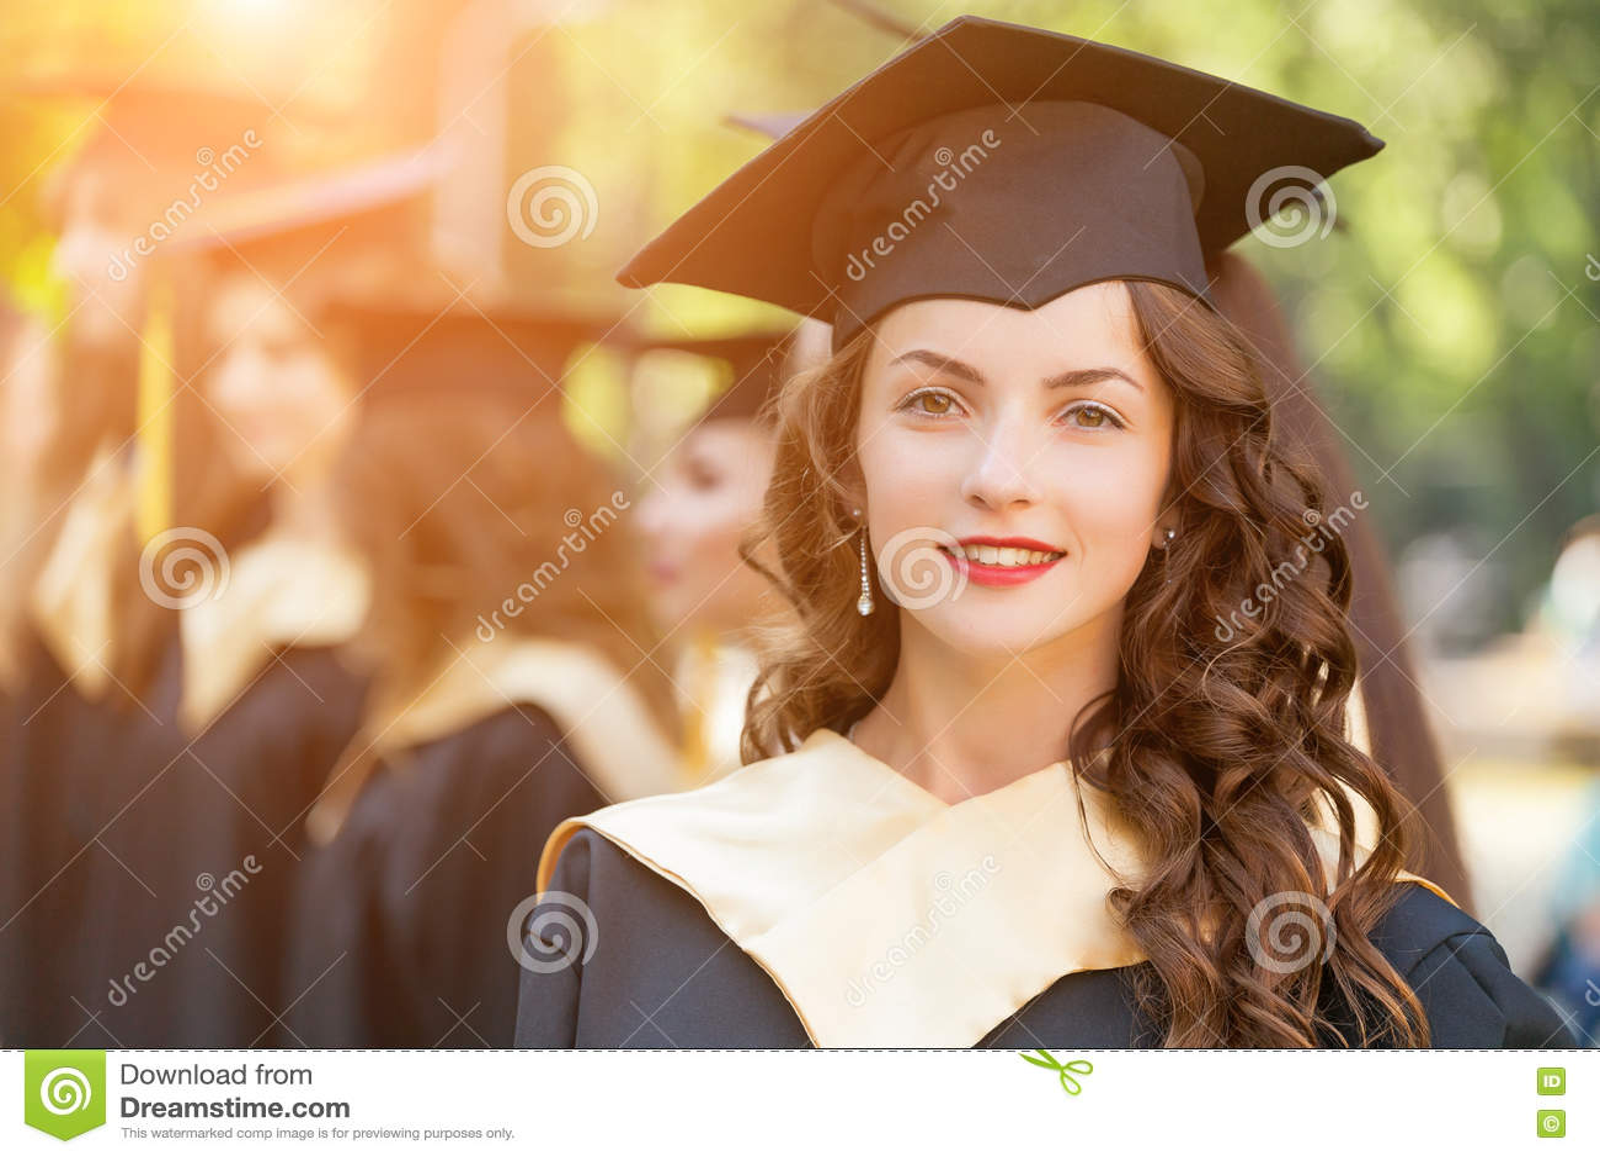 Gediplomeerde studenten die graduatiehoed en toga dragen